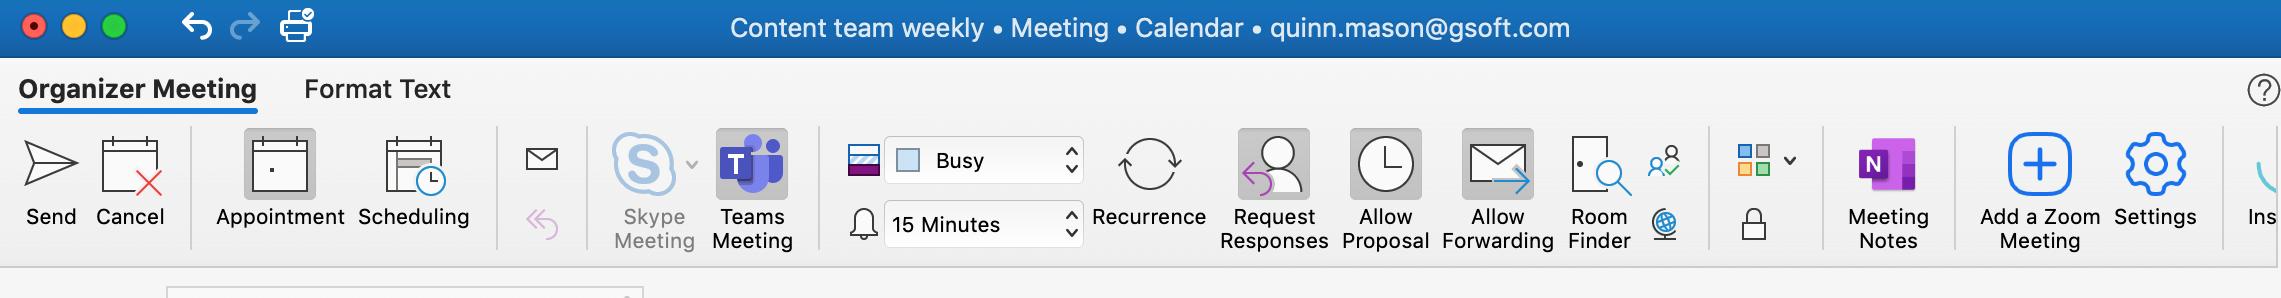 Meeting scheduler Outlook